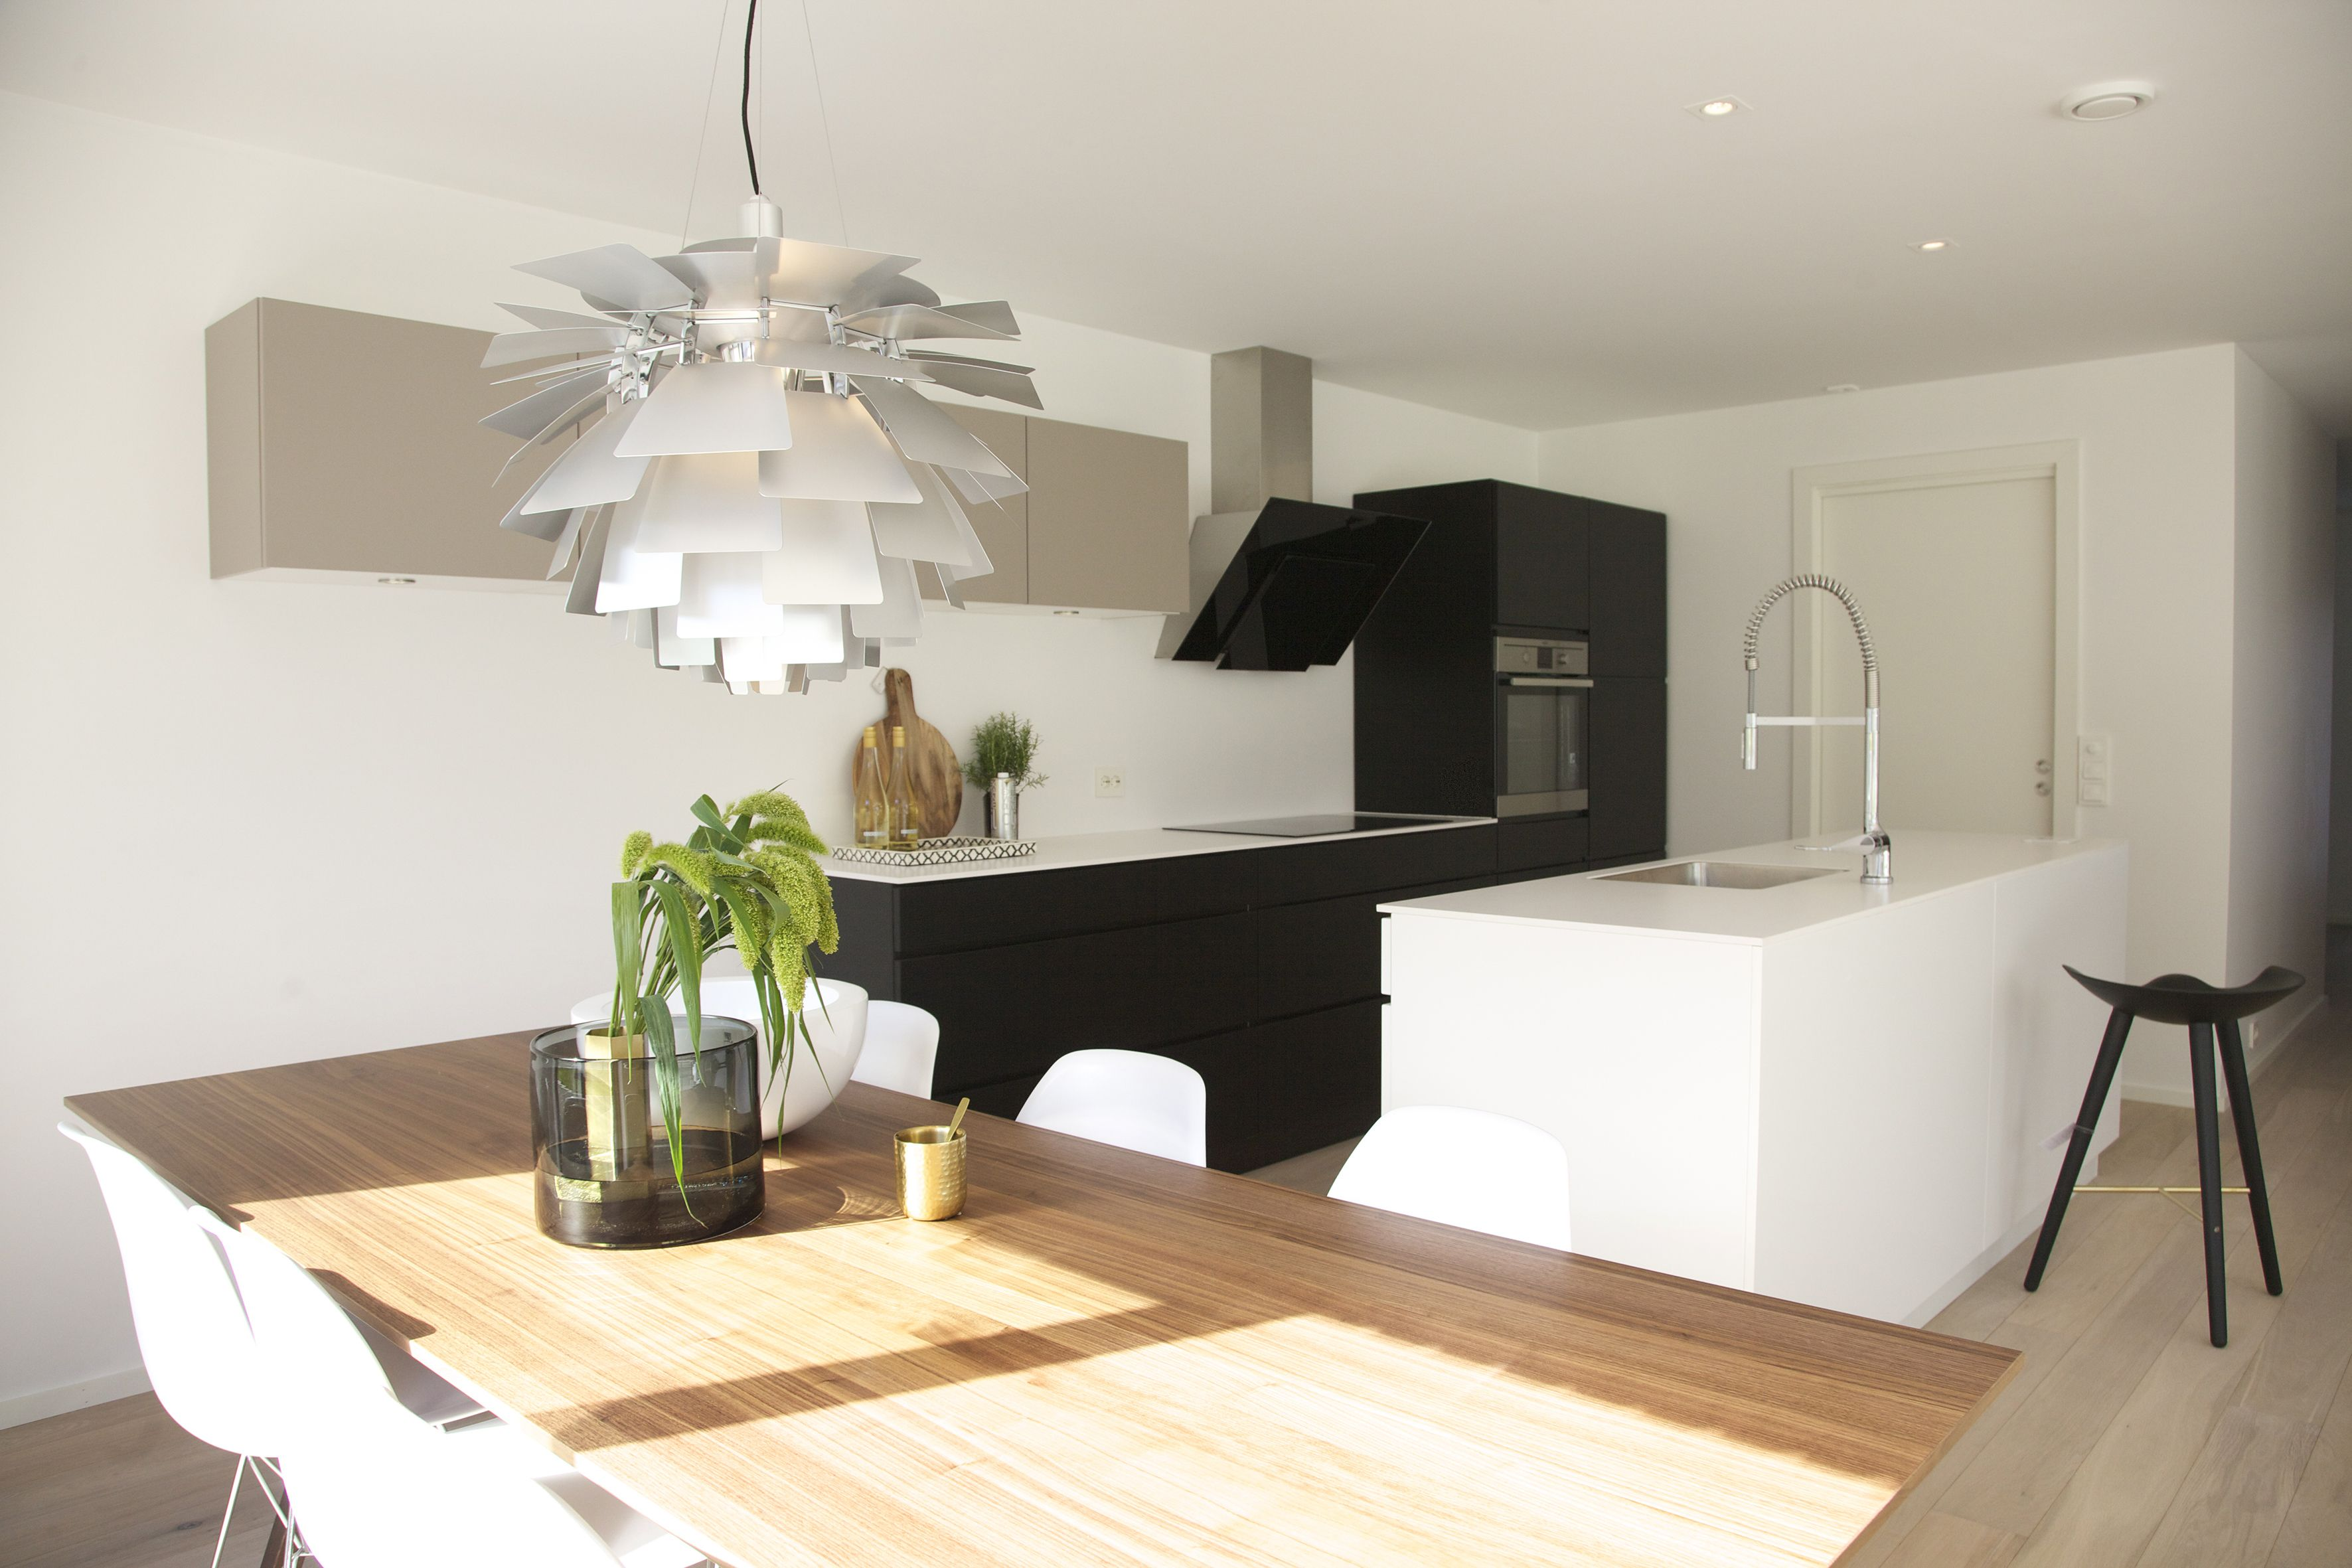 urbanhus kj¸kken kongle moderne minimalistisk gr¸nt innslag modern